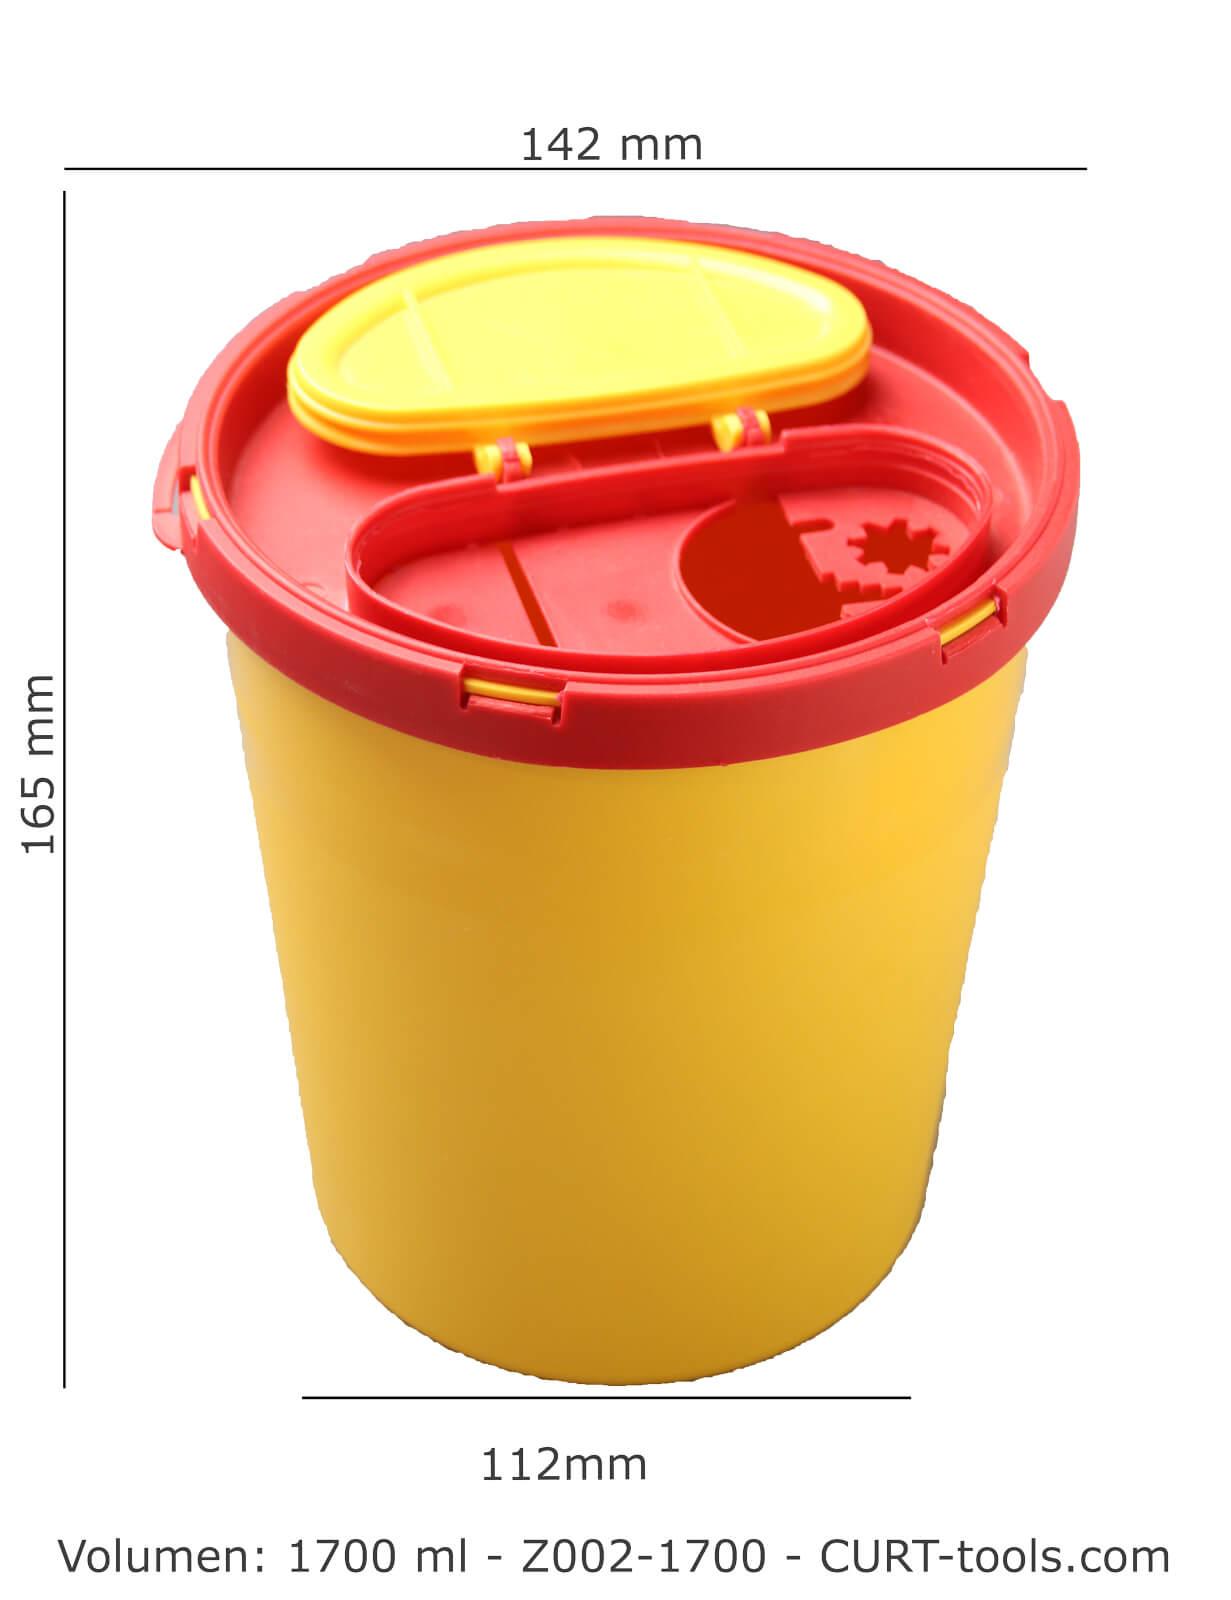 Z002-1700-Sammelbox-Klingenbox-für-stumpfe-Klingen-Maße-CURT-tools_H1600